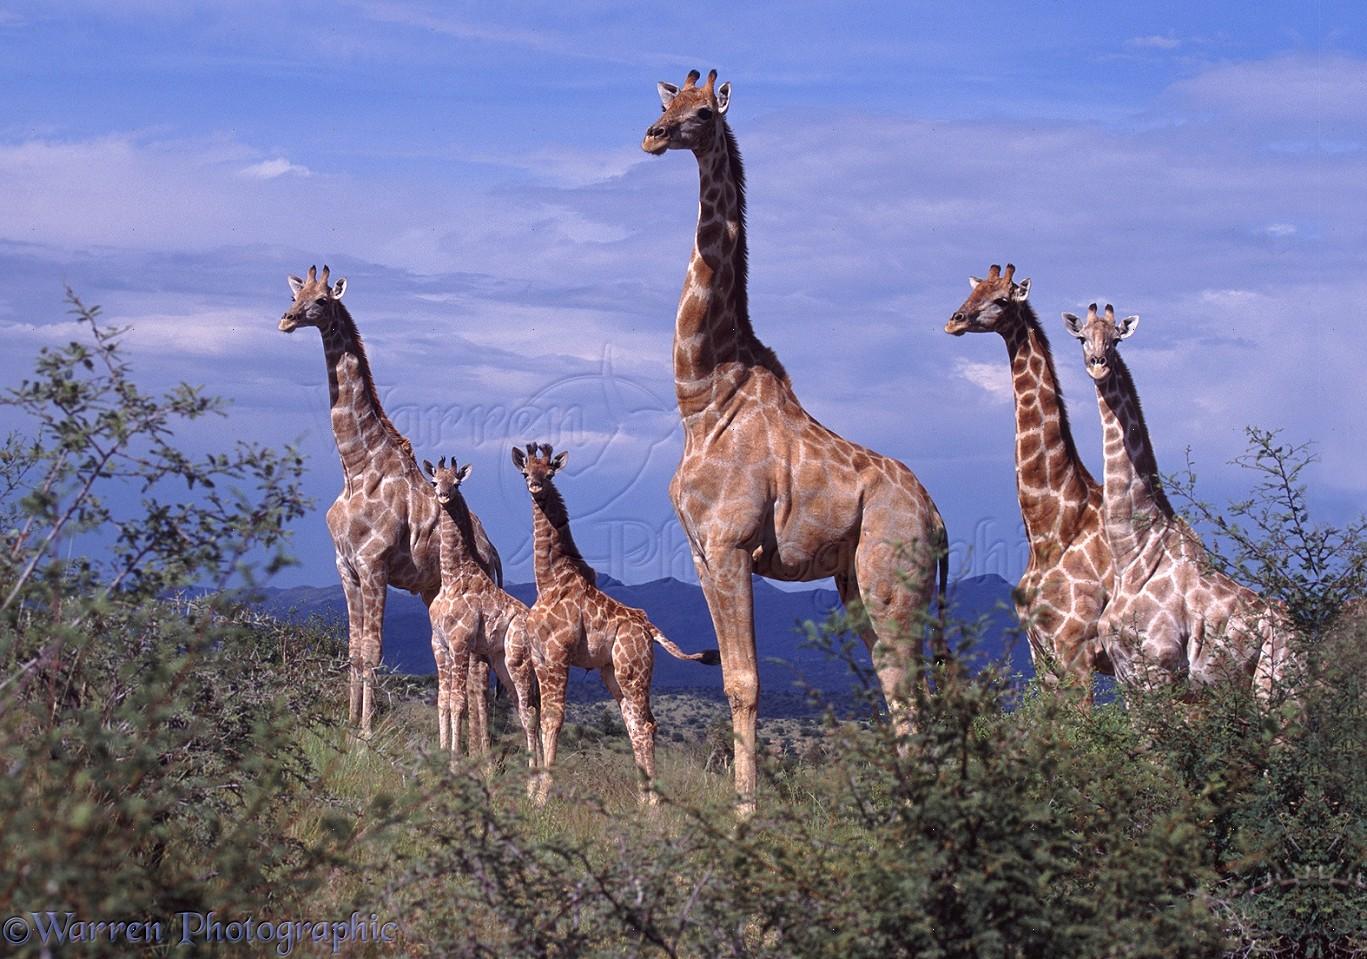 giraffe family photo wp06922